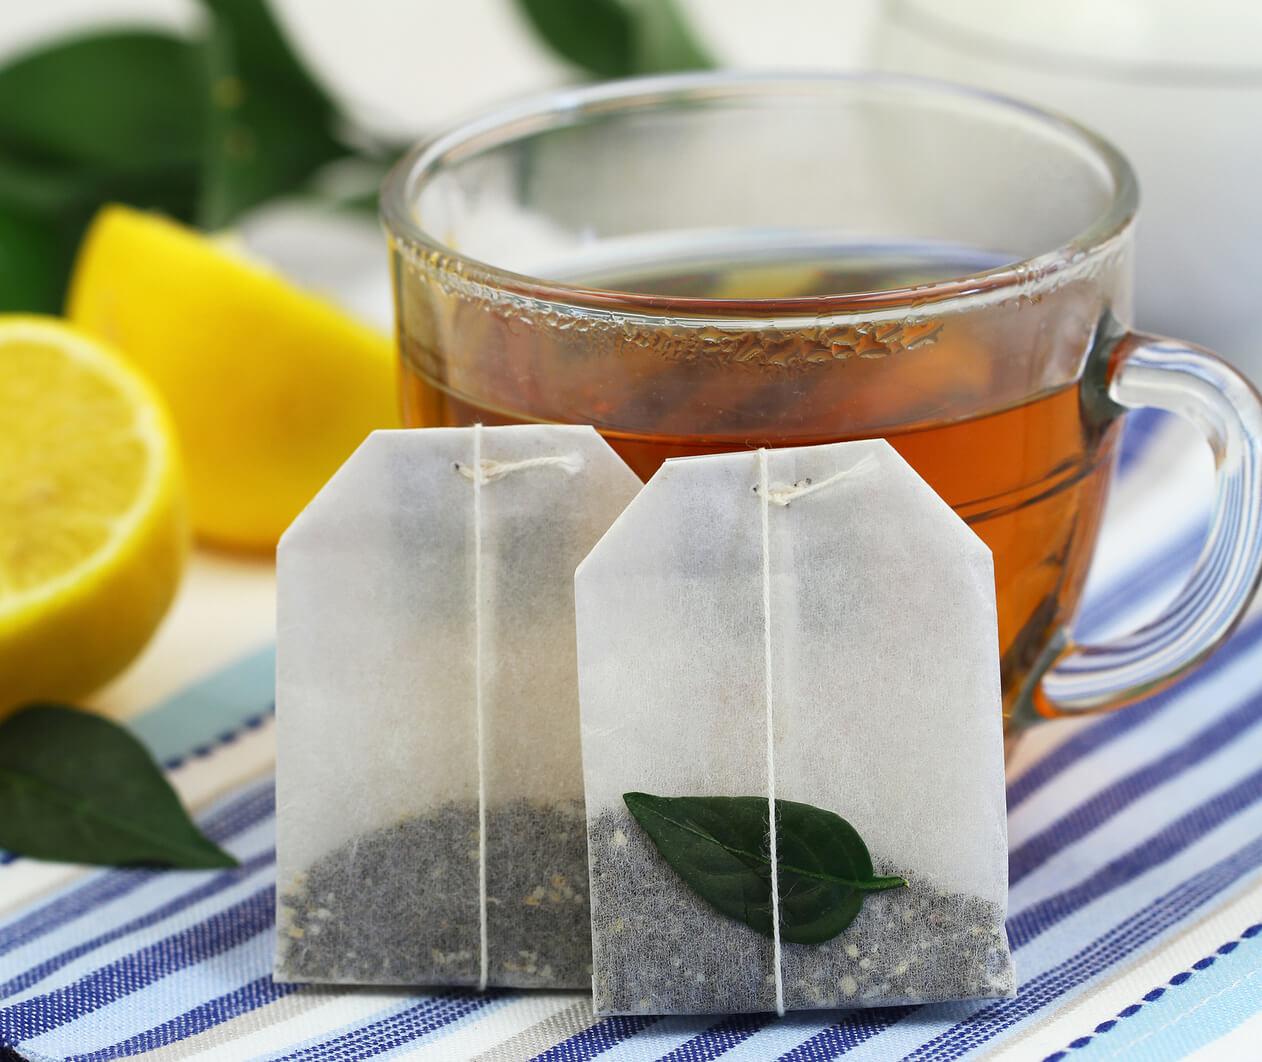 از خواص چای میتوان برای بهبود عارضههای چشمی کودکان و نوزادان بهره برد.